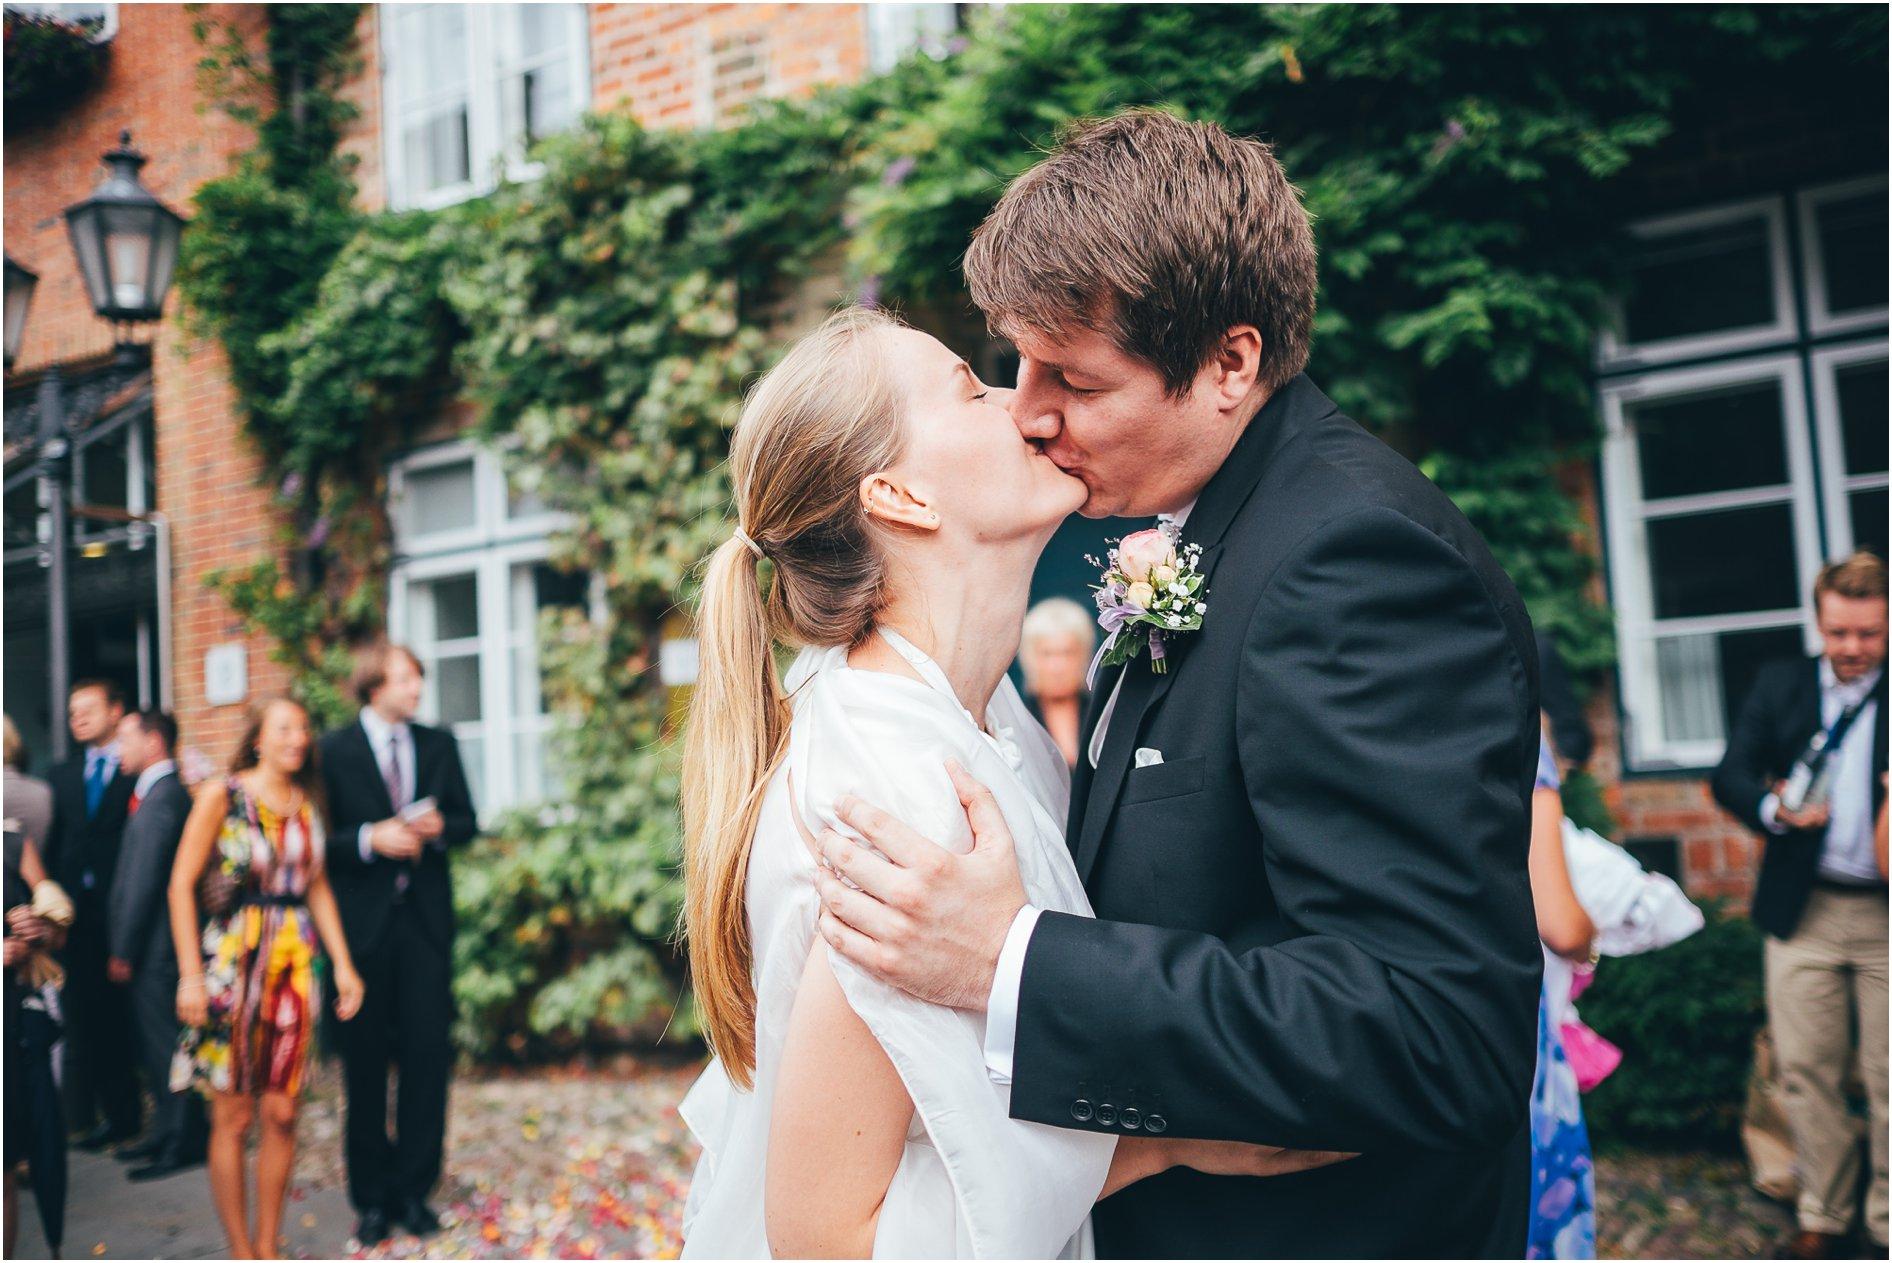 2014-10-13_0031 Jenny & Matthias - Hochzeitsfotograf auf Gut Bardenhagen